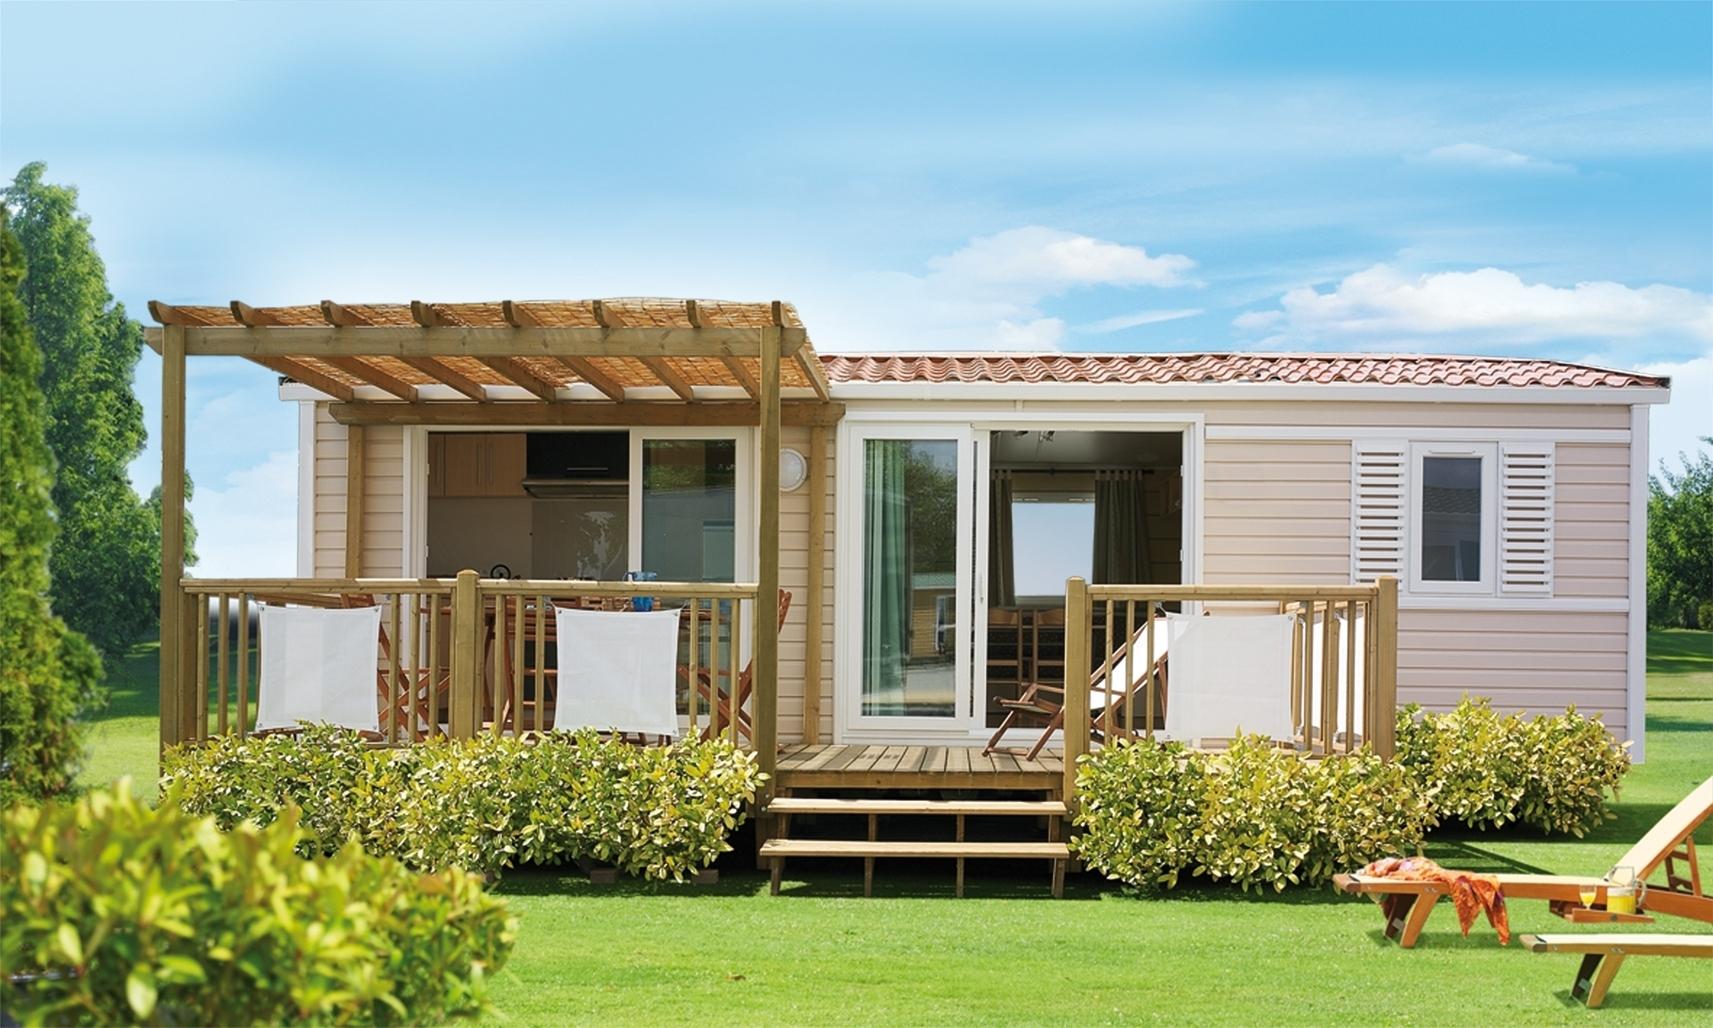 Case mobili - Casette da giardino - Perché scegliere una casa mobile